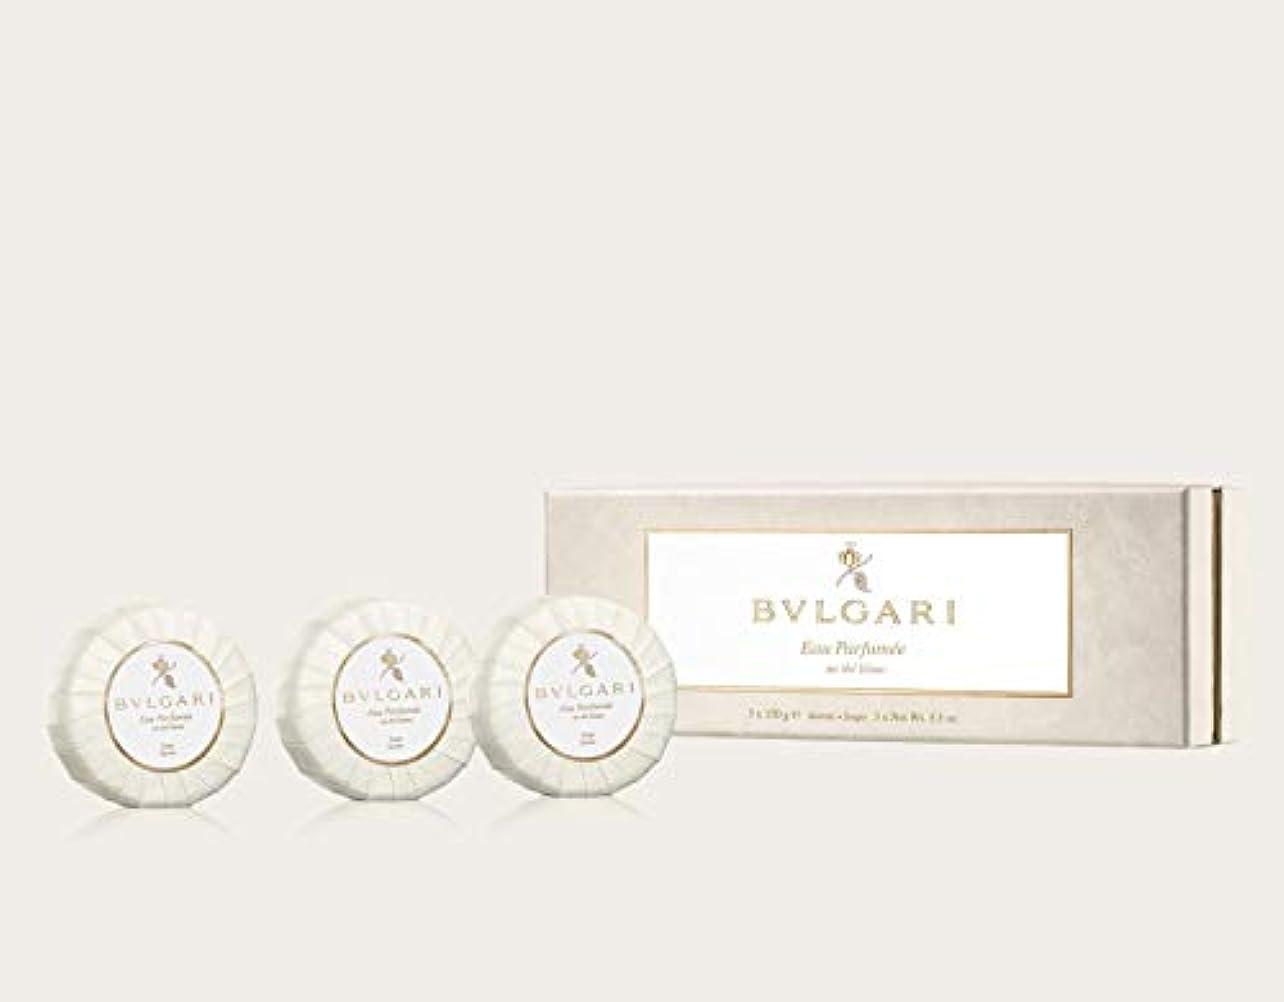 むちゃくちゃ急速な思春期の[正規品]ブルガリ オ パフメ オーデブラン ソープ ギフトセット 150g × 3個 正規品